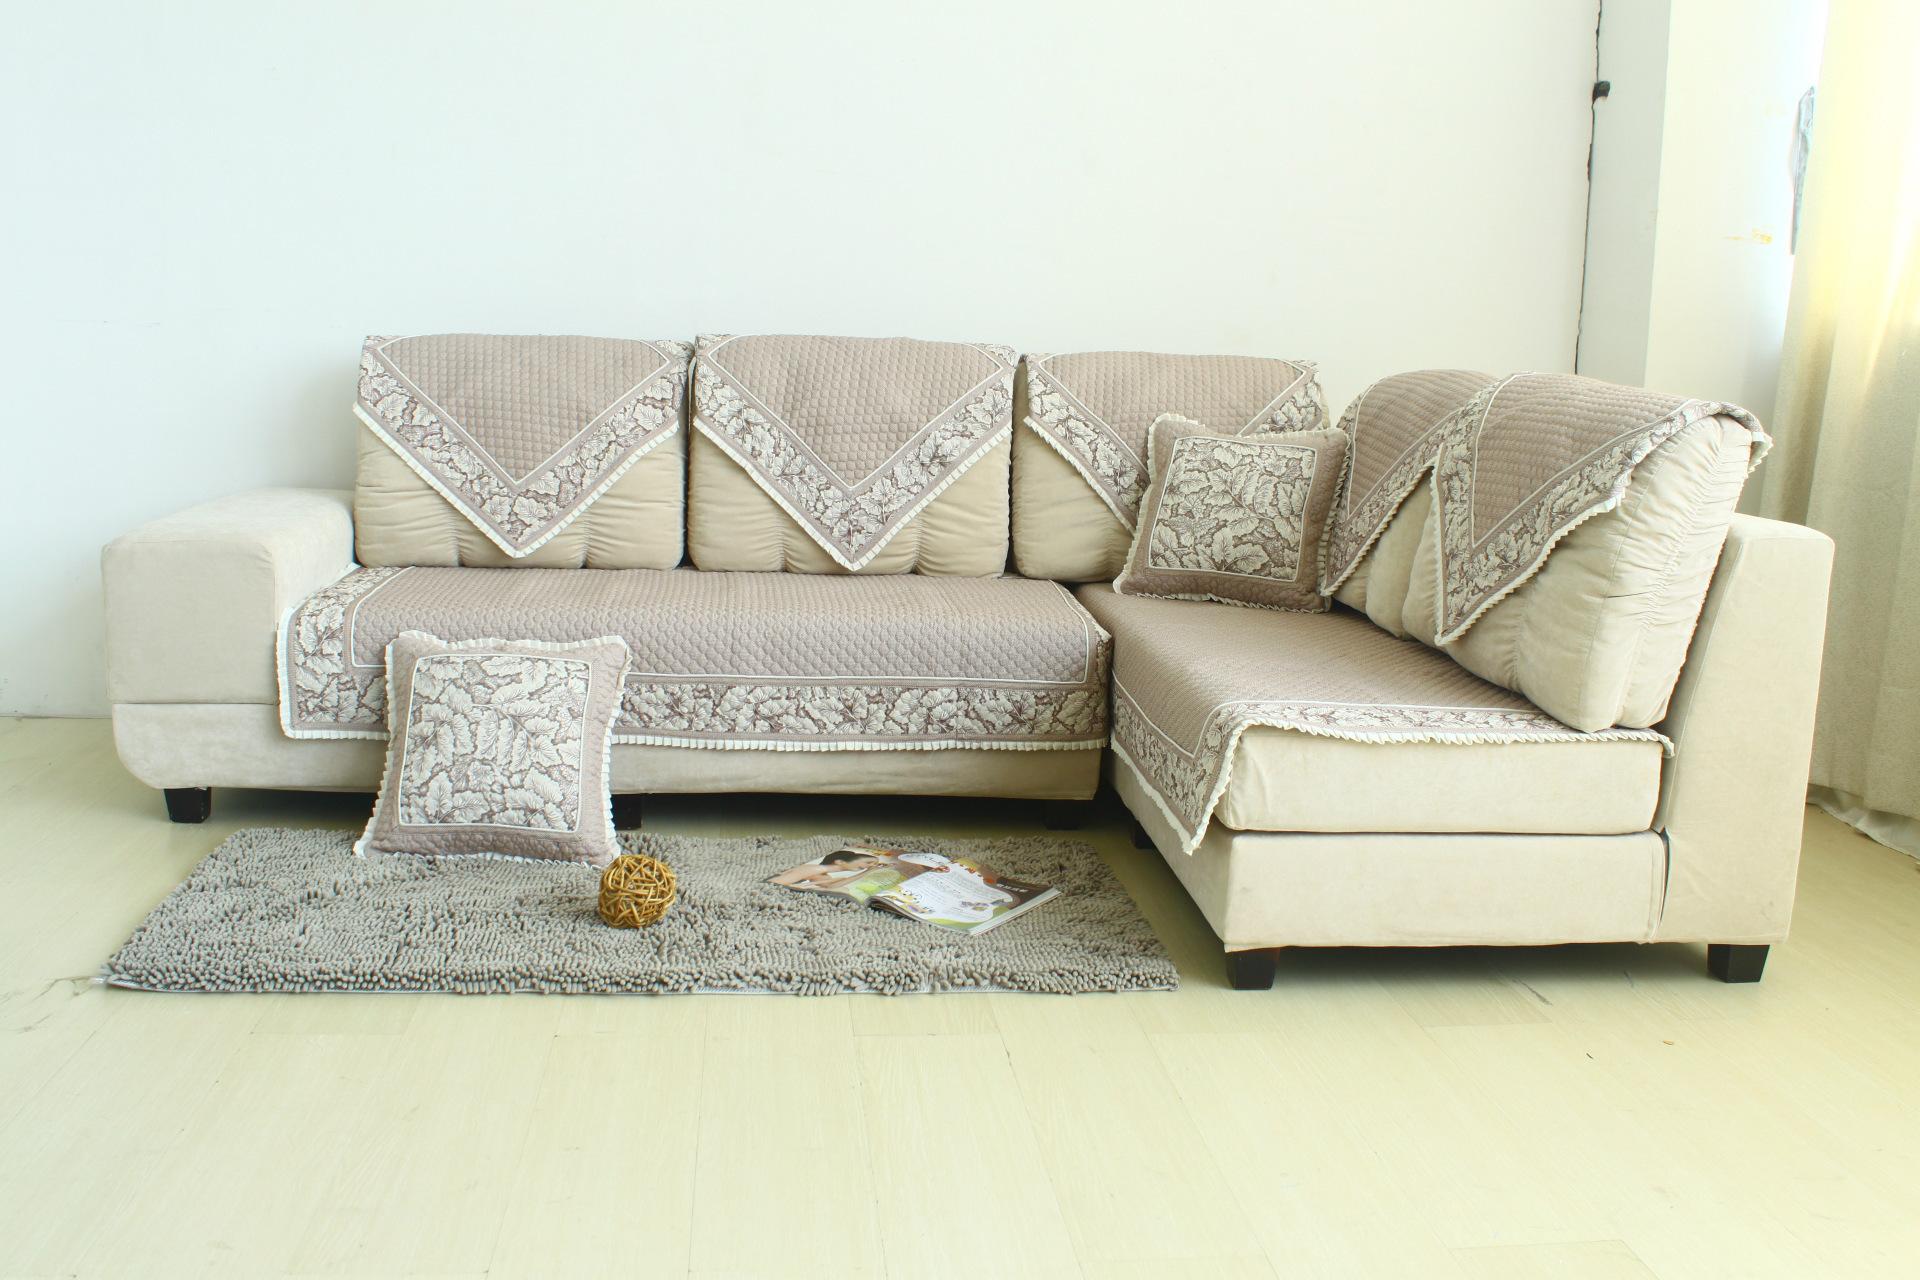 批发 高档亚麻沙发垫 蕾丝 花边 扶手沙发